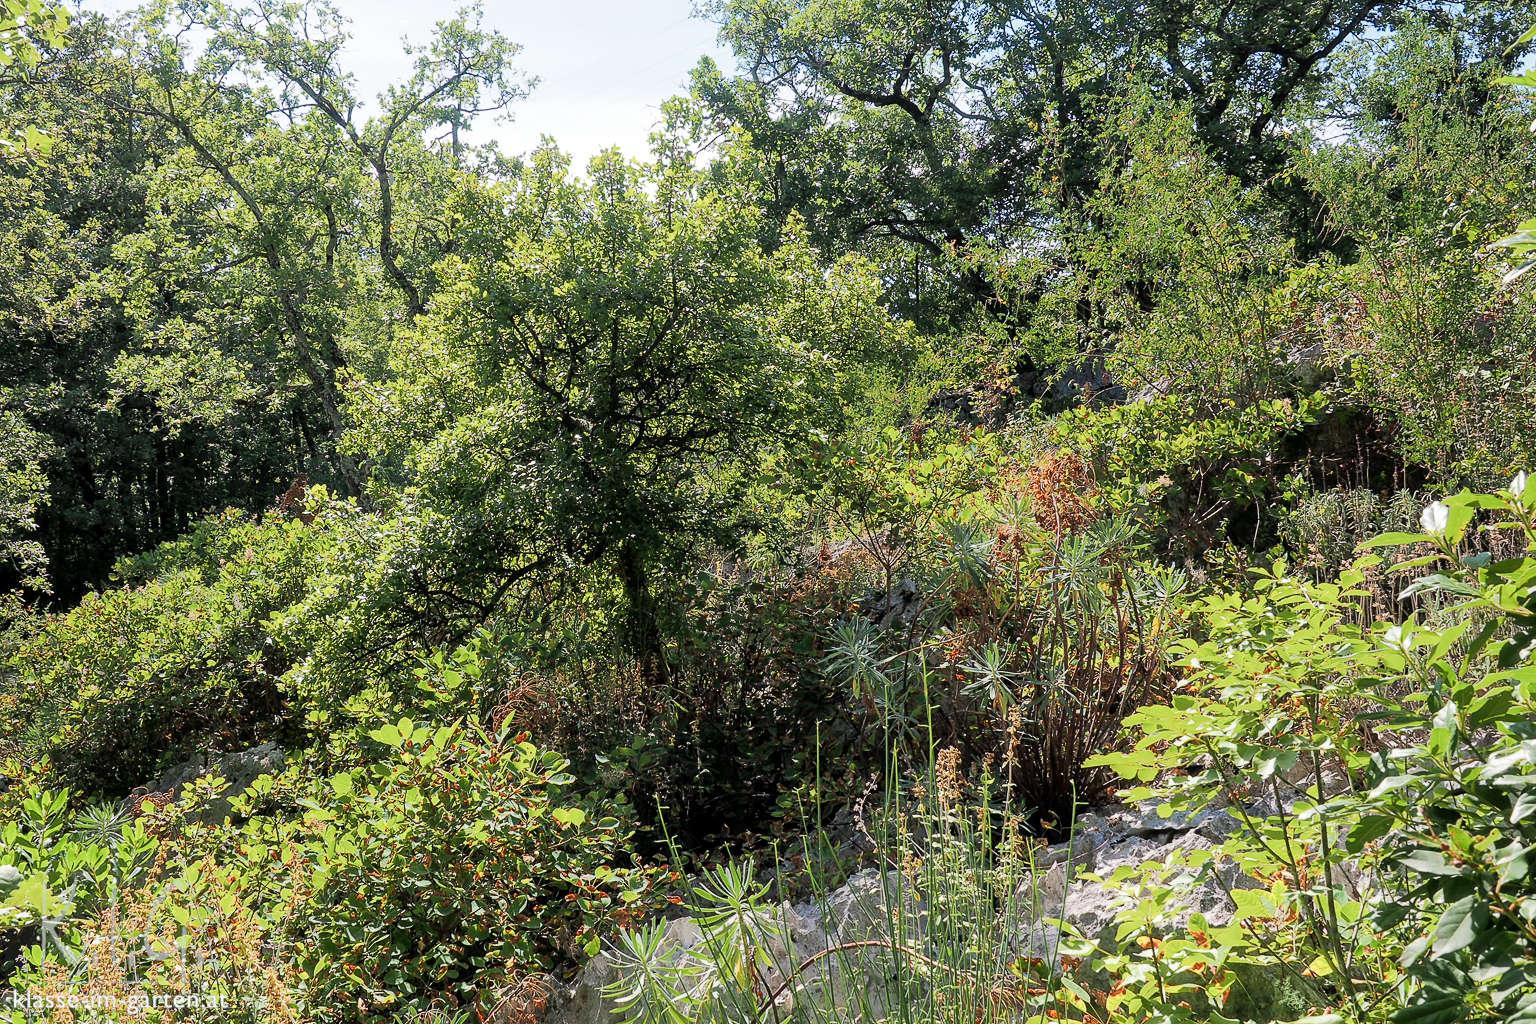 Giardino Botanico Carsiana- viel Blattduft in der südlichen Sonne